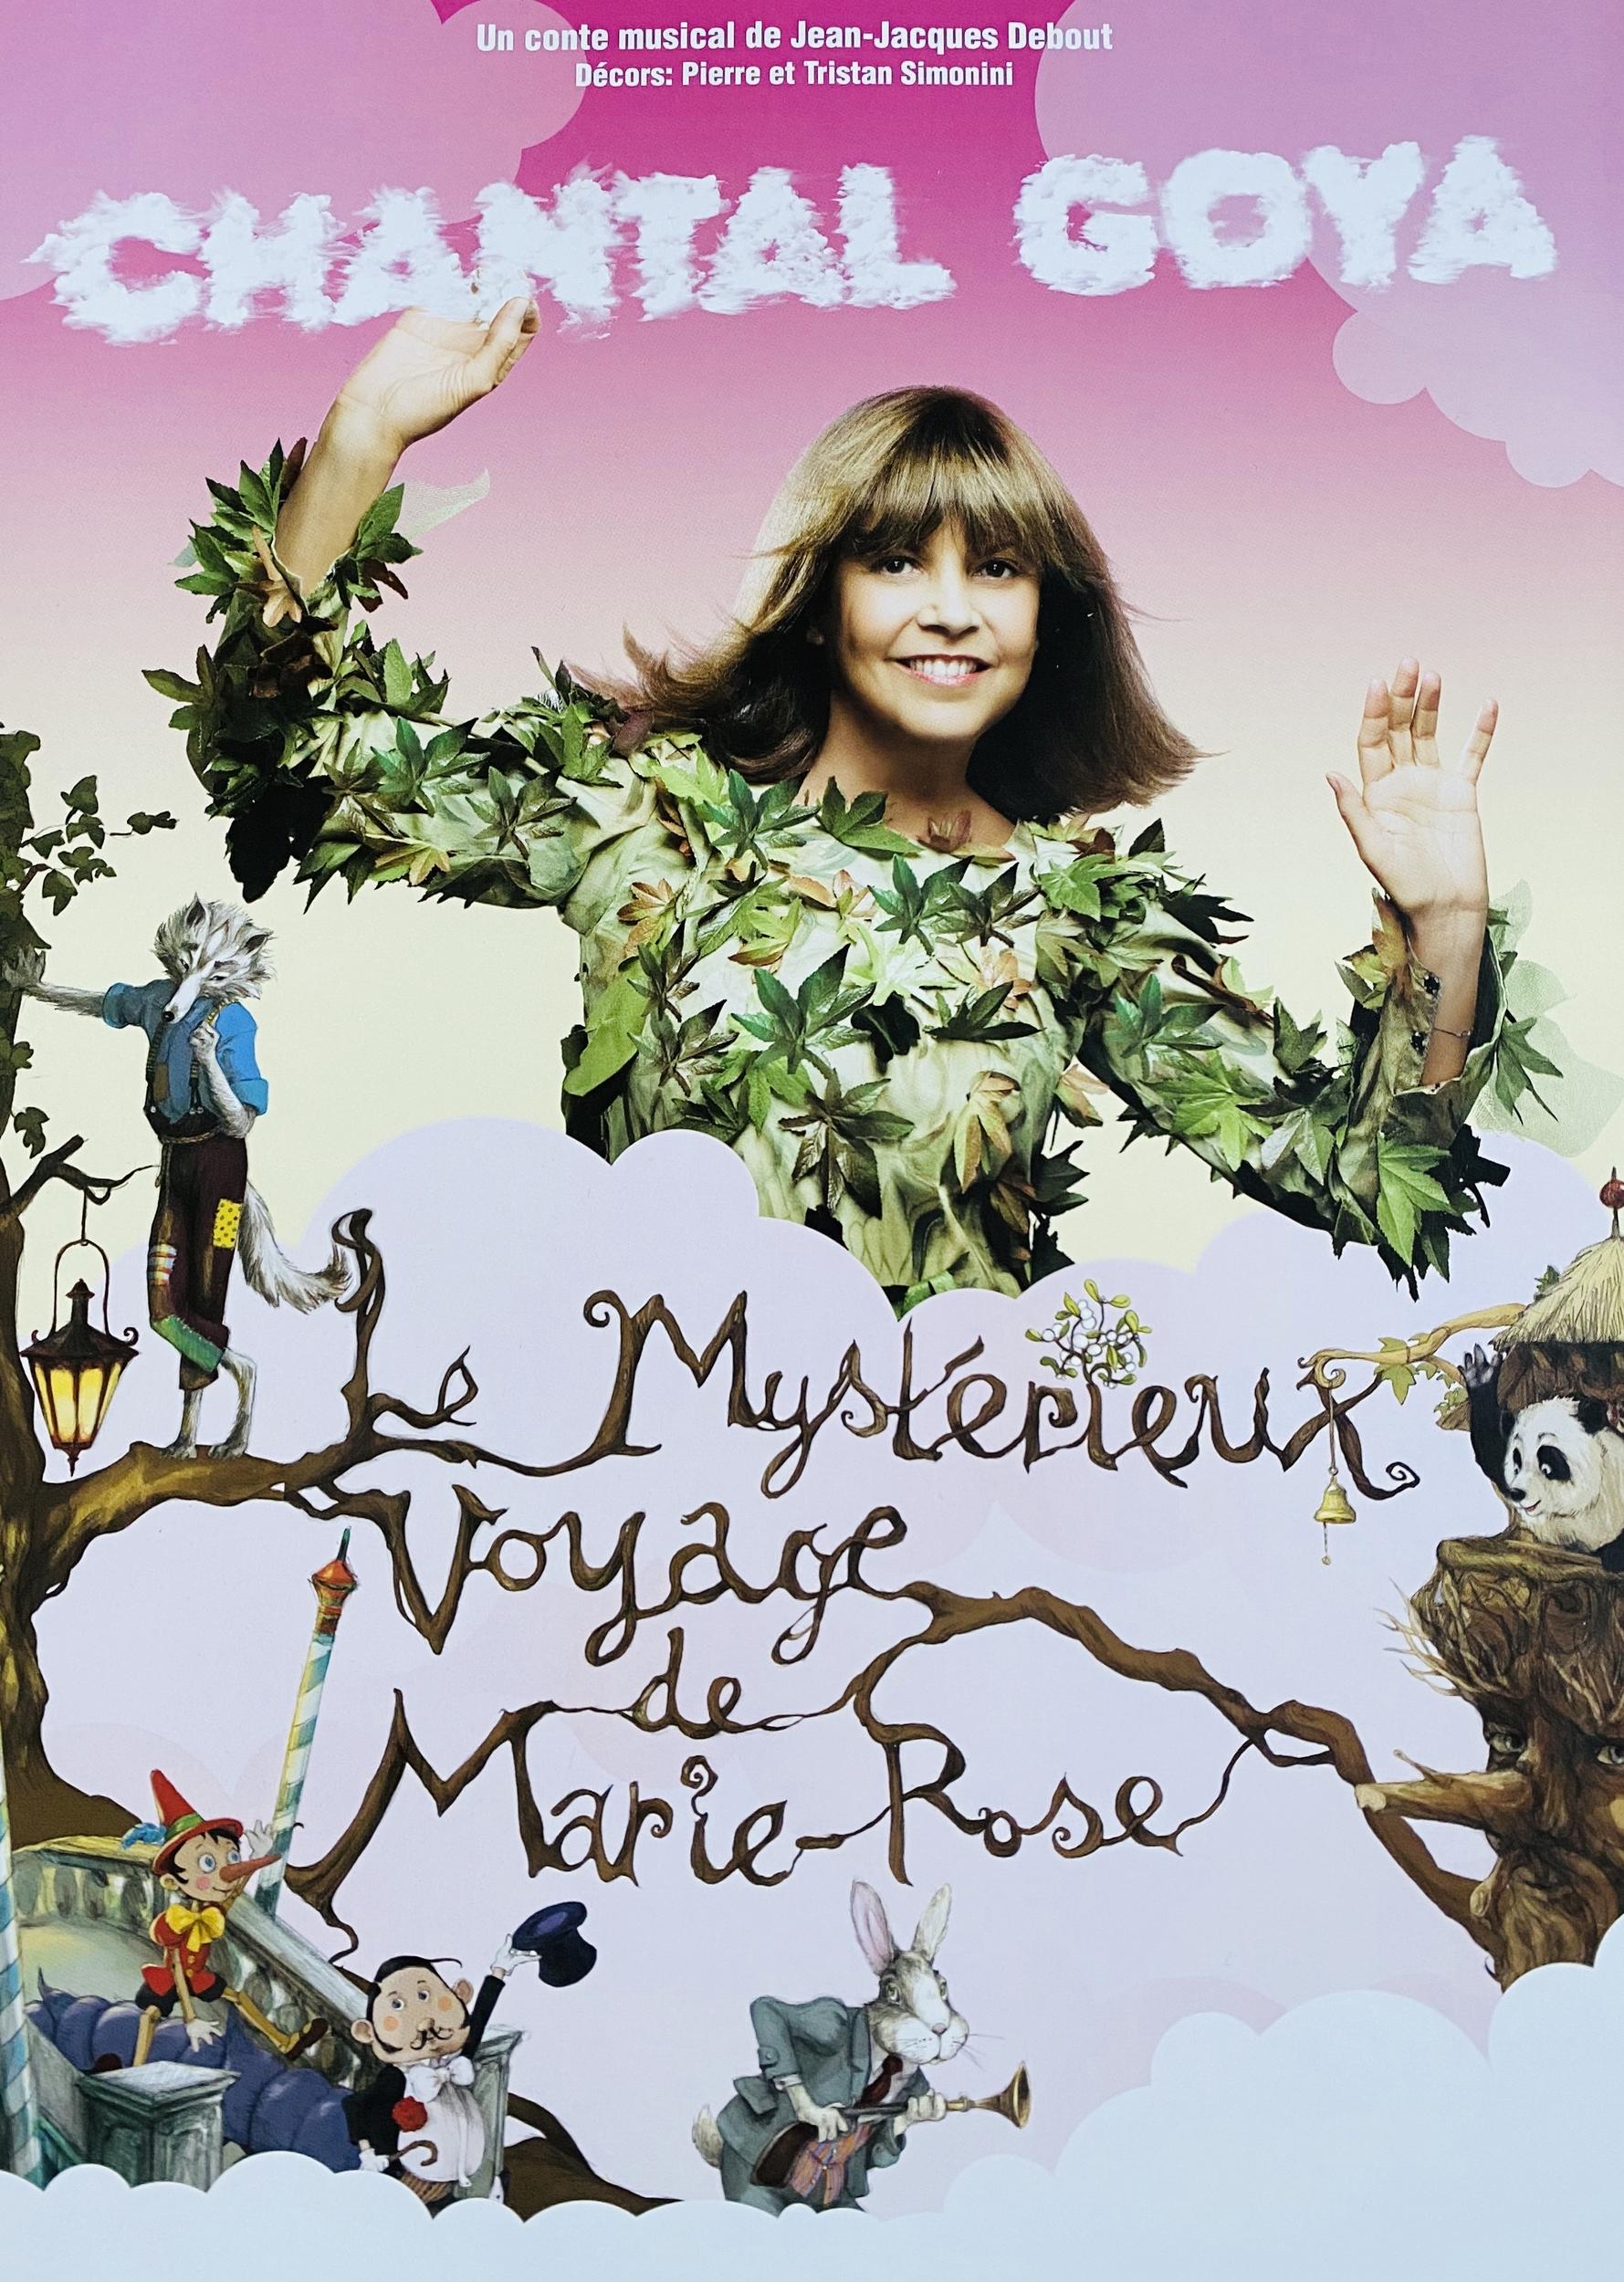 PROGRAMME - LE MYSTÉRIEUX VOYAGE DE MARIE-ROSE